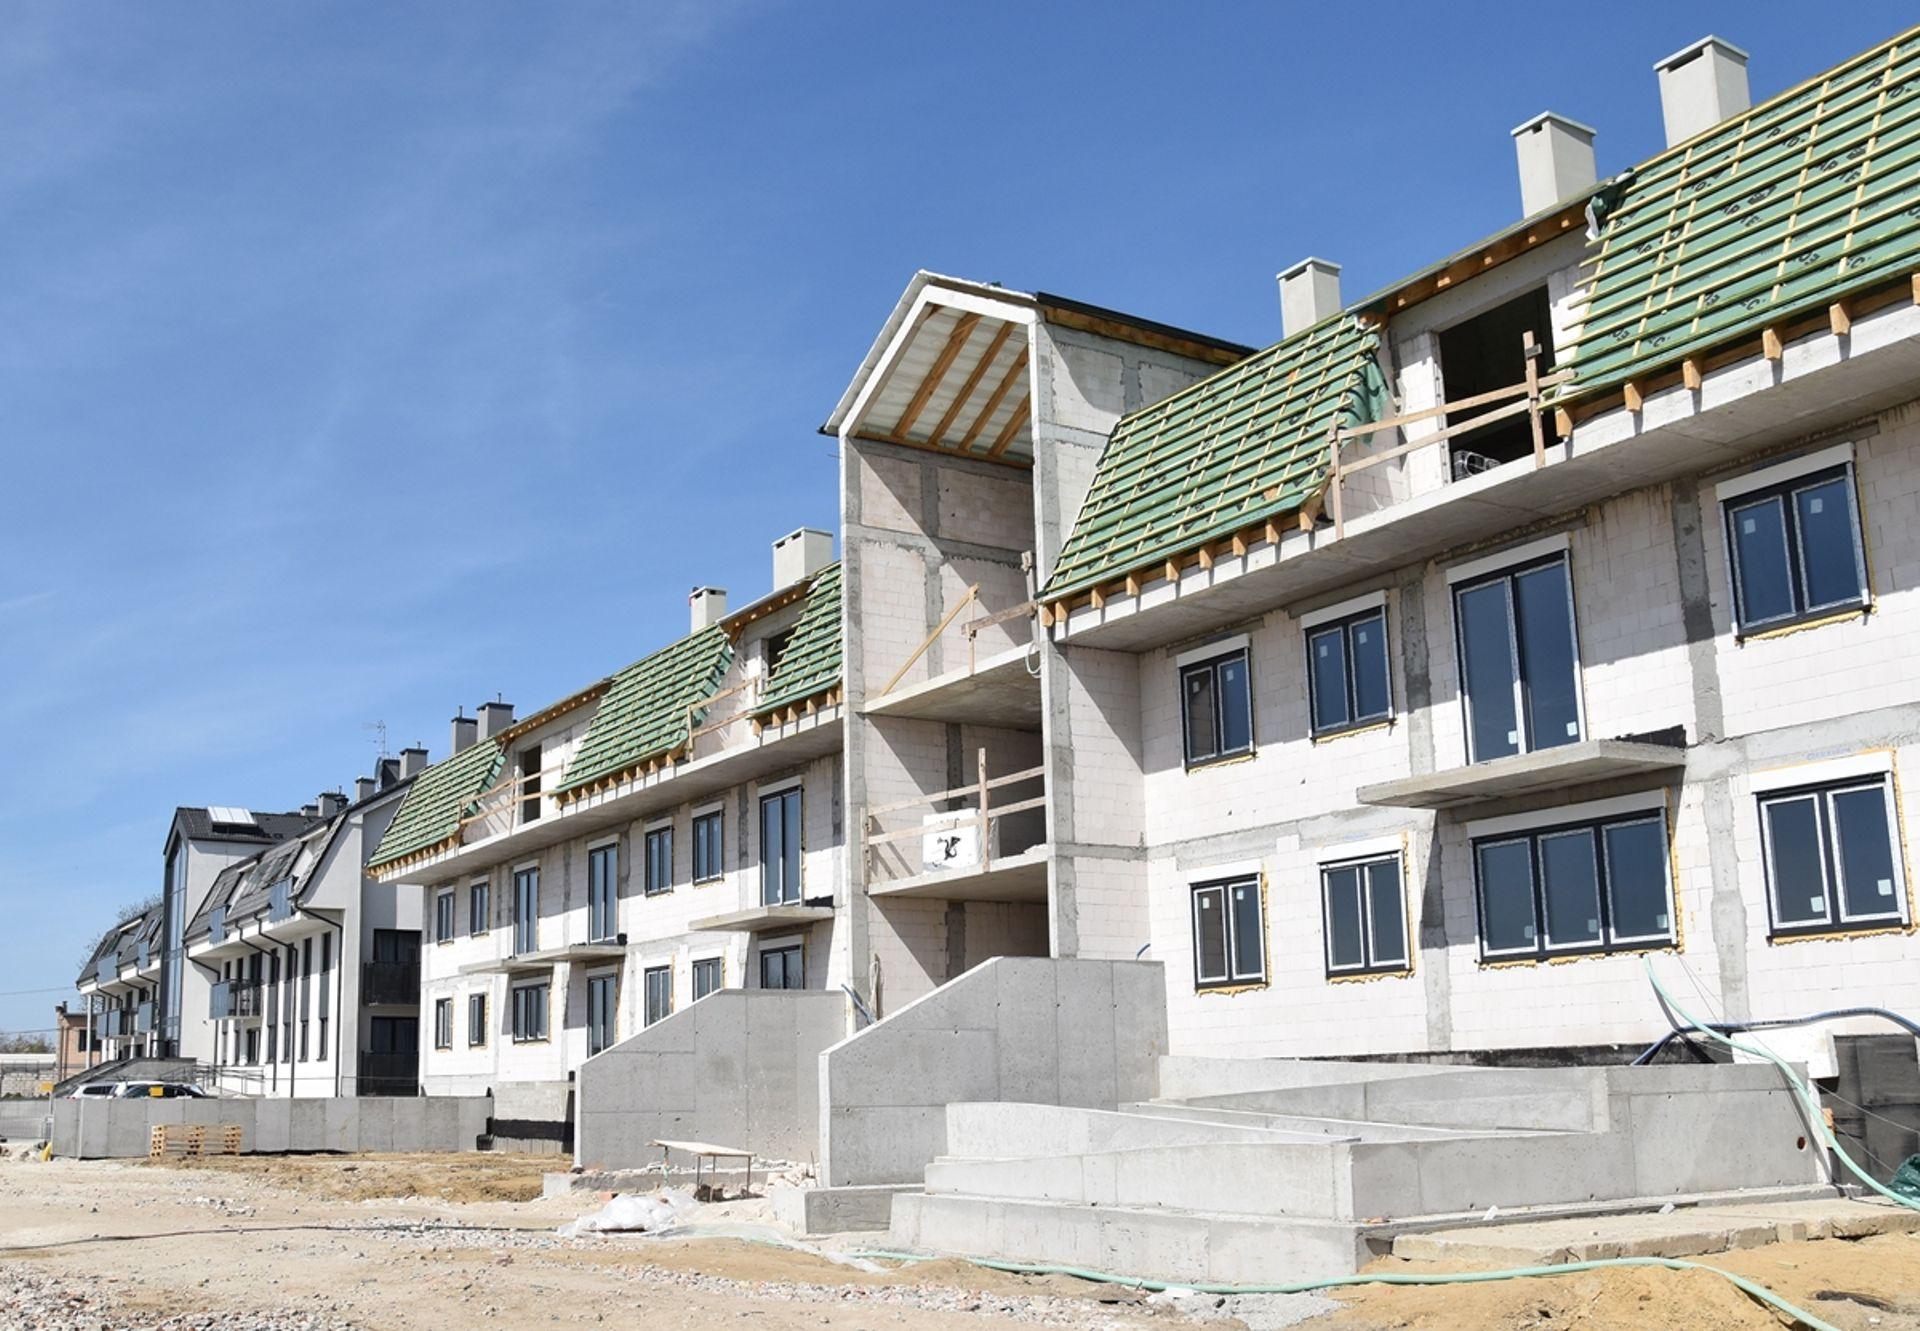 [wielkopolskie] Zalasewo Park koło Poznania w rozbudowie